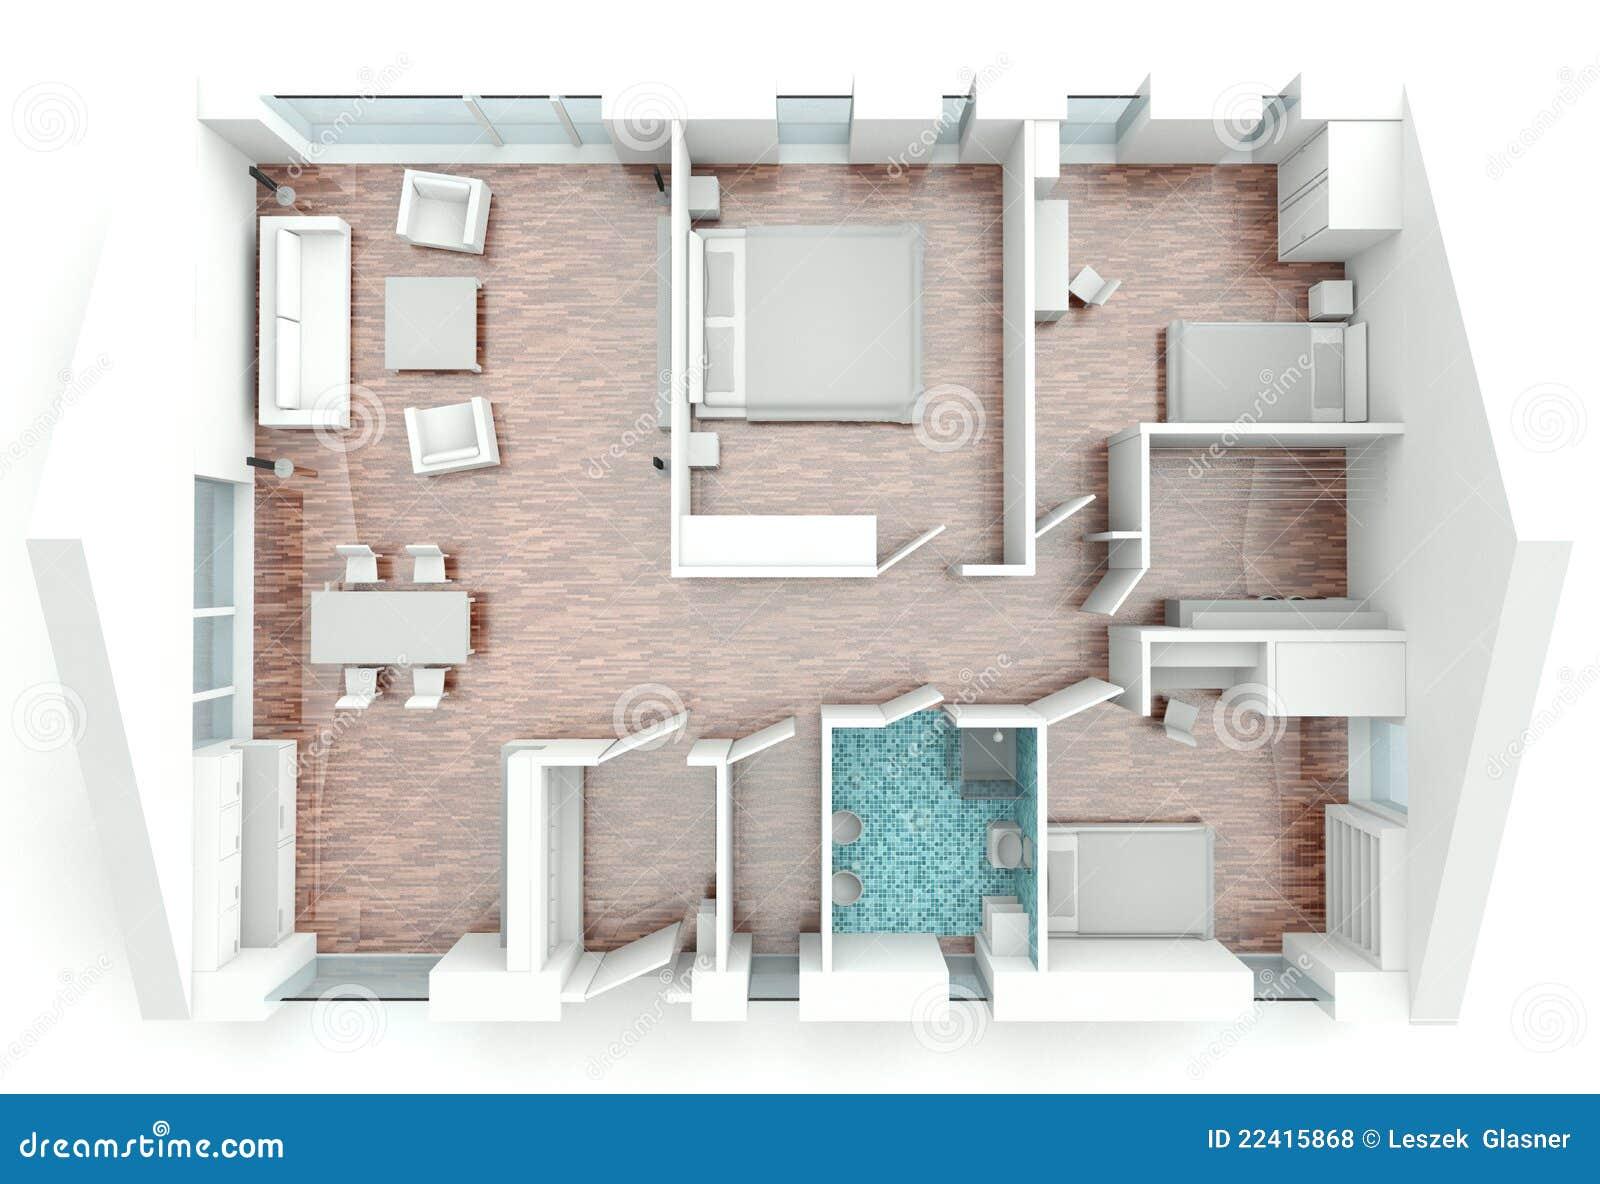 Programma della casa della rappresentazione 3d for Programma 3d casa